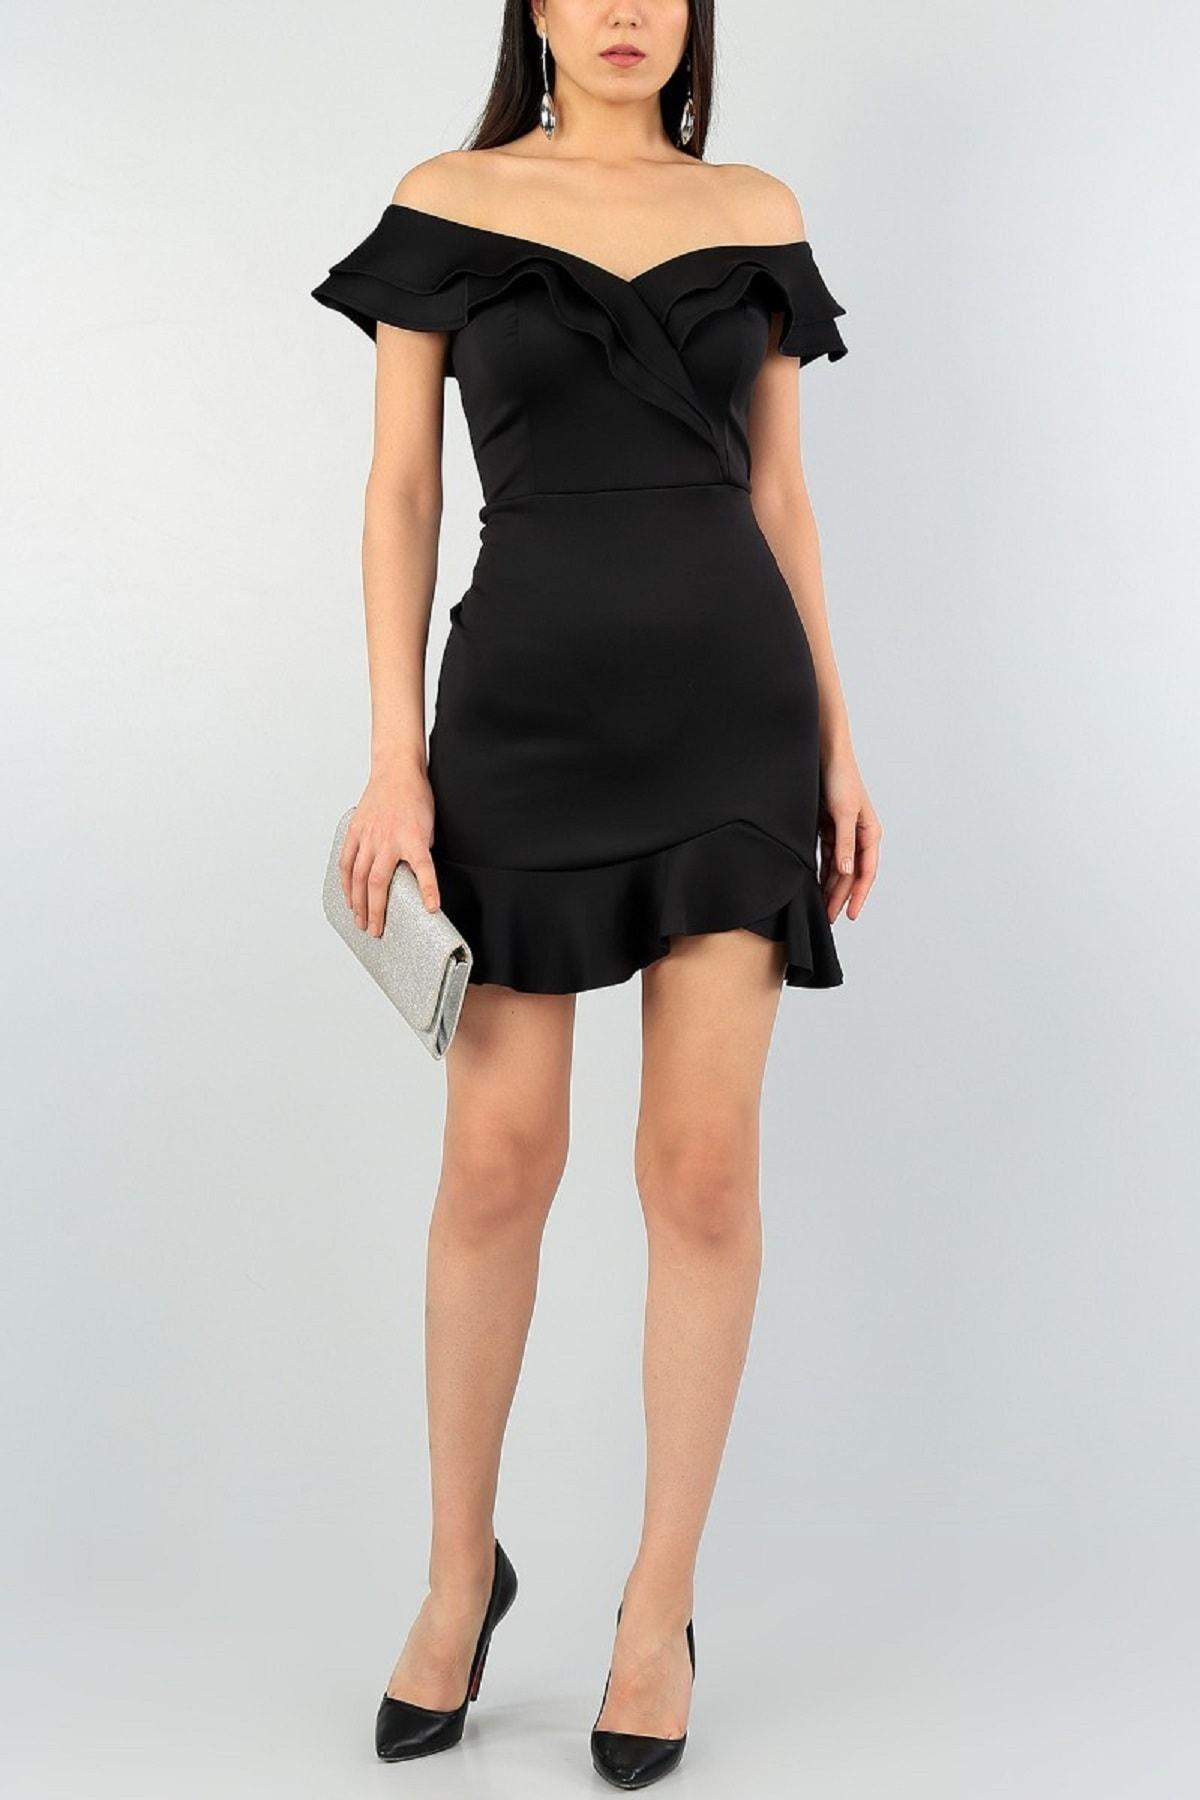 Kadın Siyah Esnek Scuba Kumaş Etek Ucu Ve Göğüsü Volan Detay V Yaka Abiye Elbise